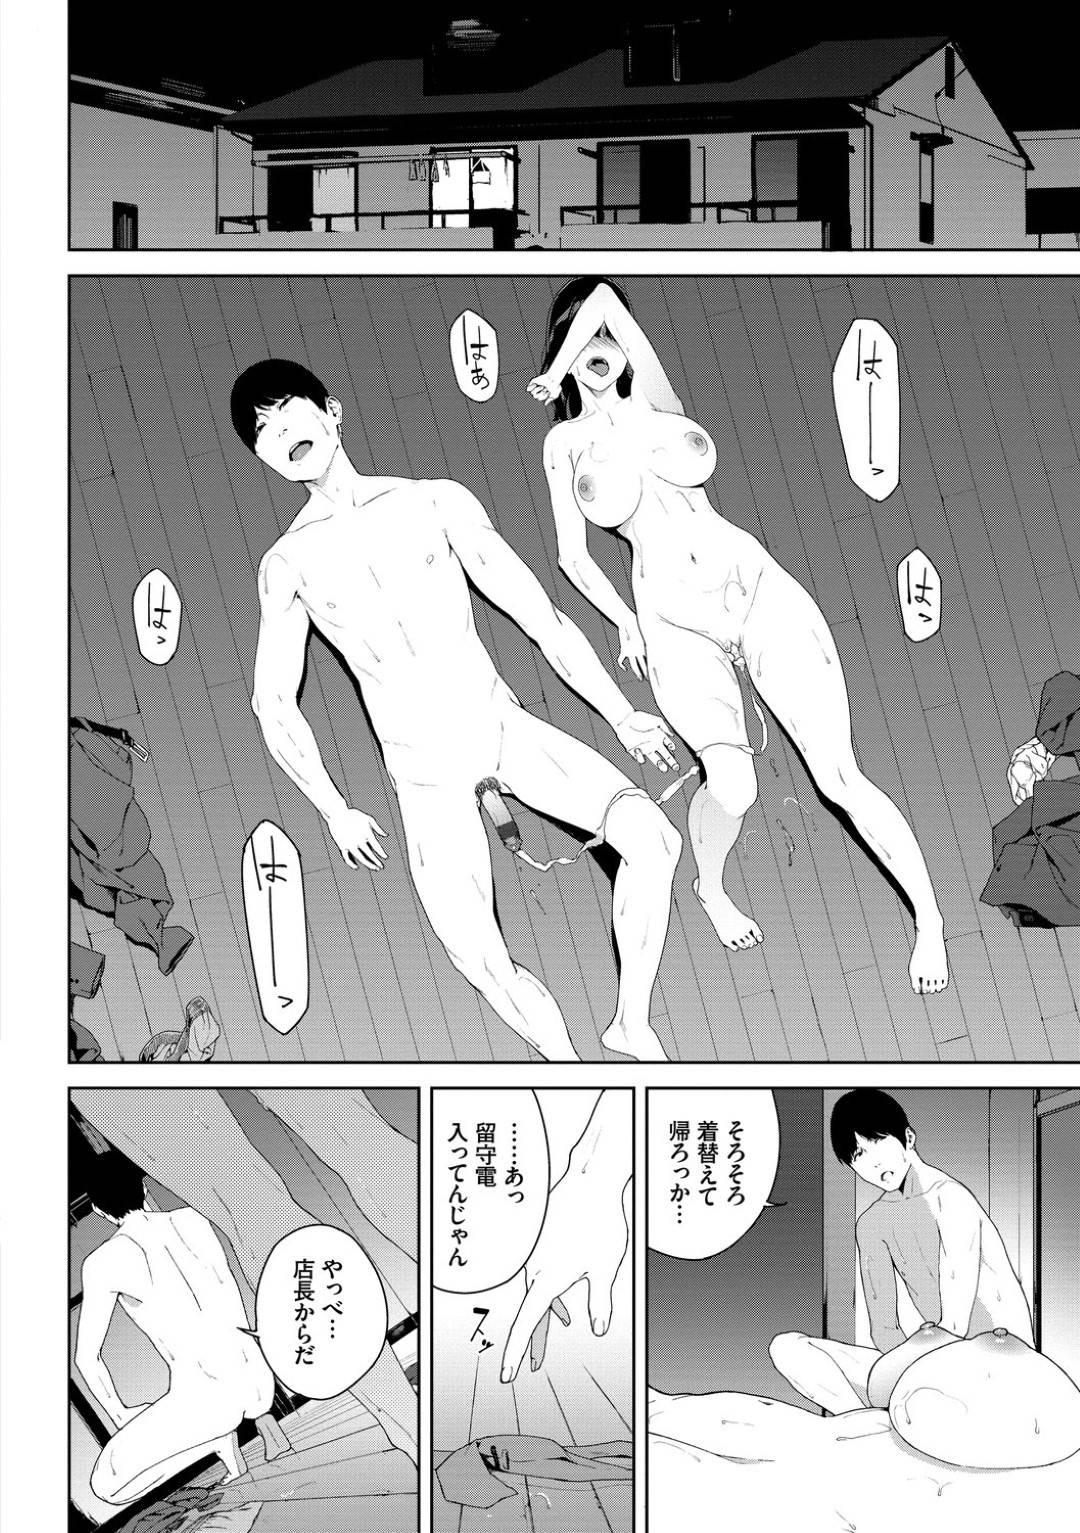 【エロ漫画】不倫相手の同僚と不動産屋の物件写真を撮りに来た地味系黒髪OK…部屋の中で突然フェラをはじめて、普段の性格とかけ離れているので戸惑った男だったが生でのセックスに抗えるわけもなく繰り返し中出しセックス【岩崎ユウキ:事故物件】